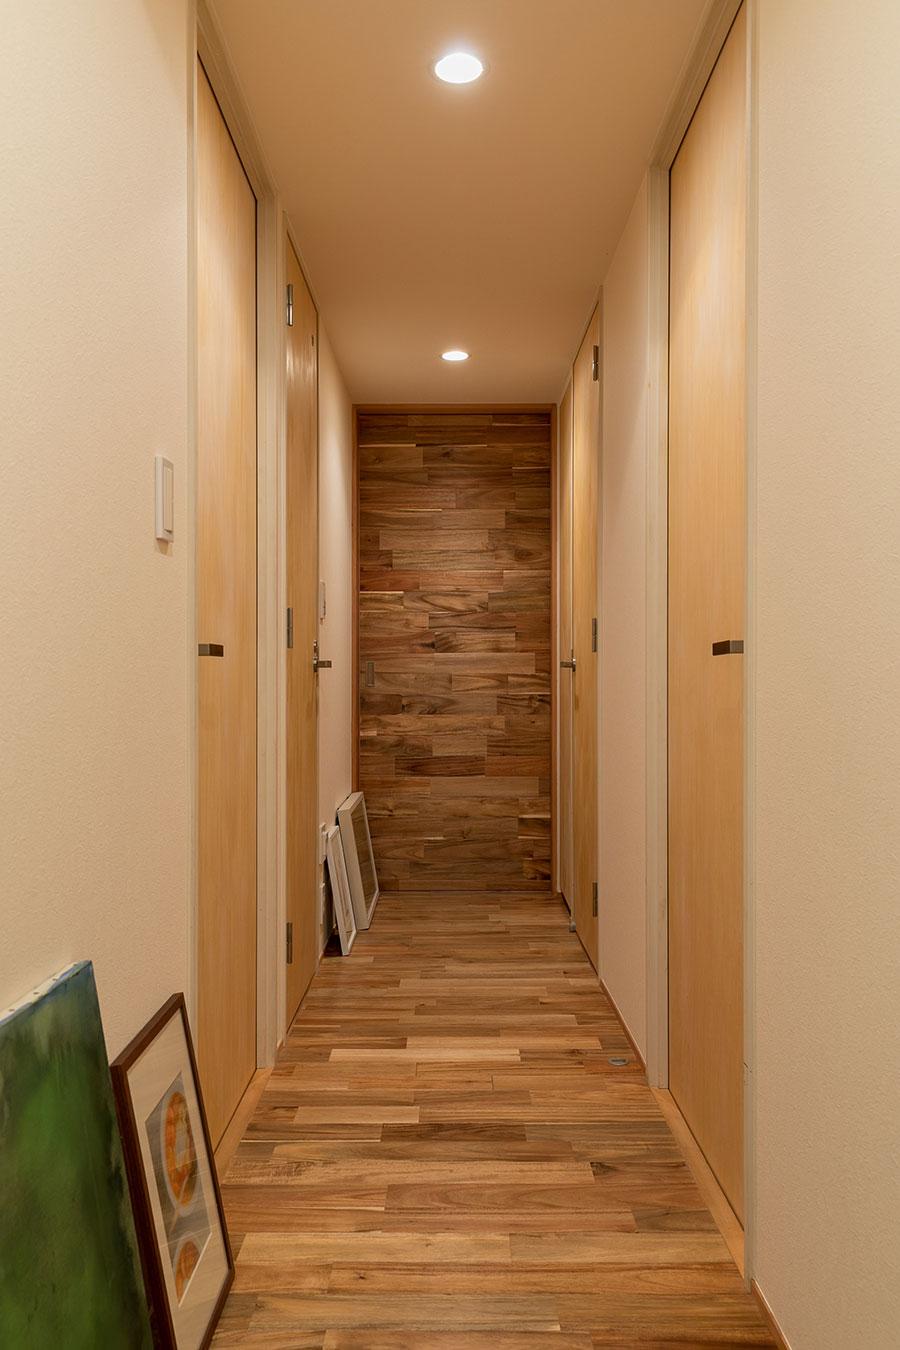 玄関からリビング・ダイニングに続く廊下。引き戸も床と同じアカシア材で、空間に統一感がある。「ギャラリーのようになった」と絵が好きな有賀さんお気に入りの場所の1つ。